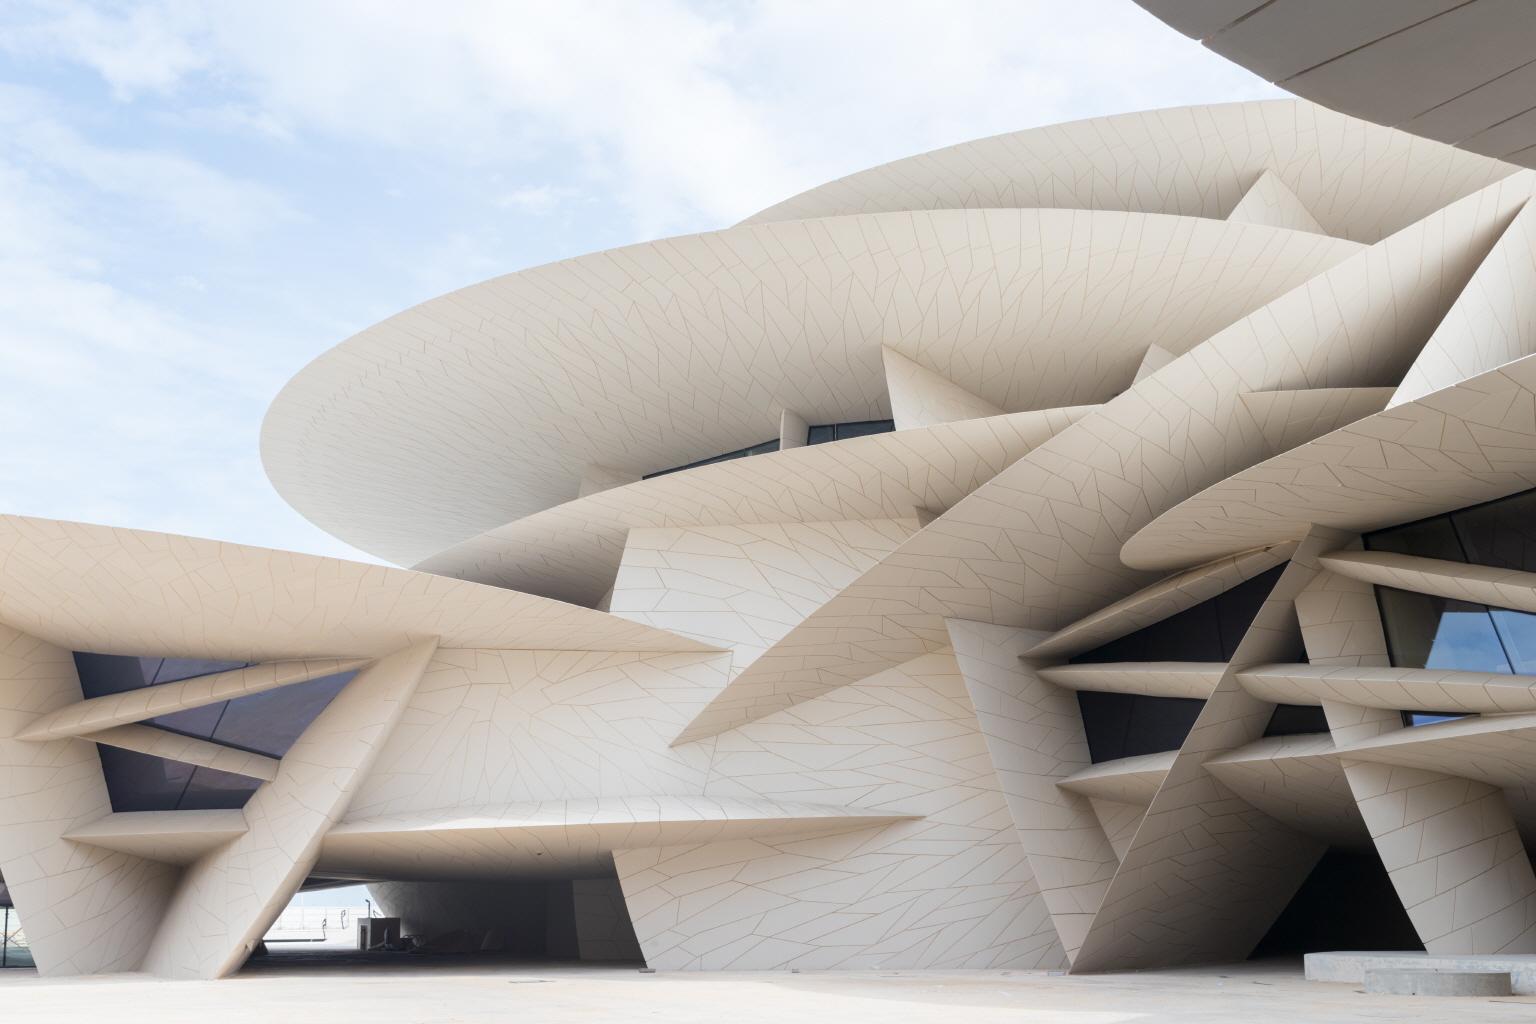 〔안정원의 건축 칼럼〕사막의 장미를 모티브로 316개의 원형 디스판을 조합한 카타르박물관2